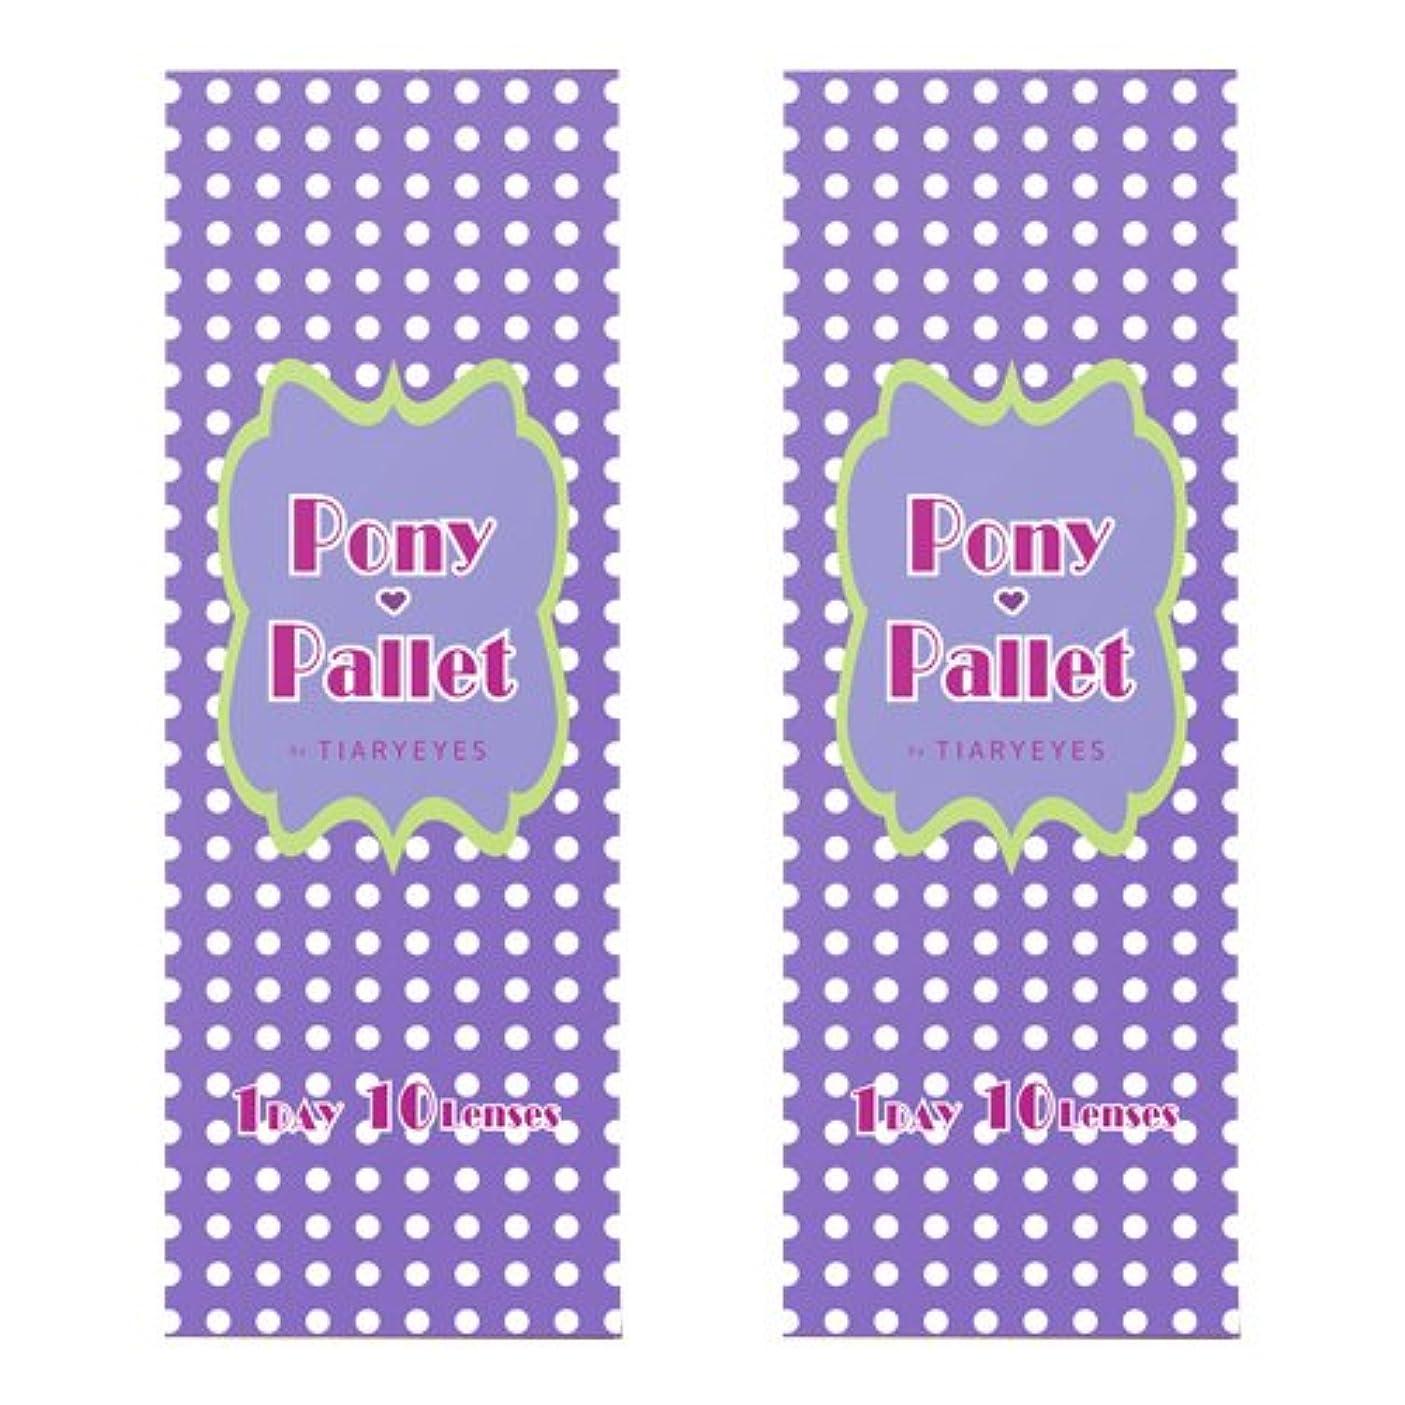 不適切な承認能力ポニーパレット バイ ティアリーアイズ Pony Pallet by Tiary Eyes 1day 08 Gold 10枚入 2箱セット (PWR) -4.50